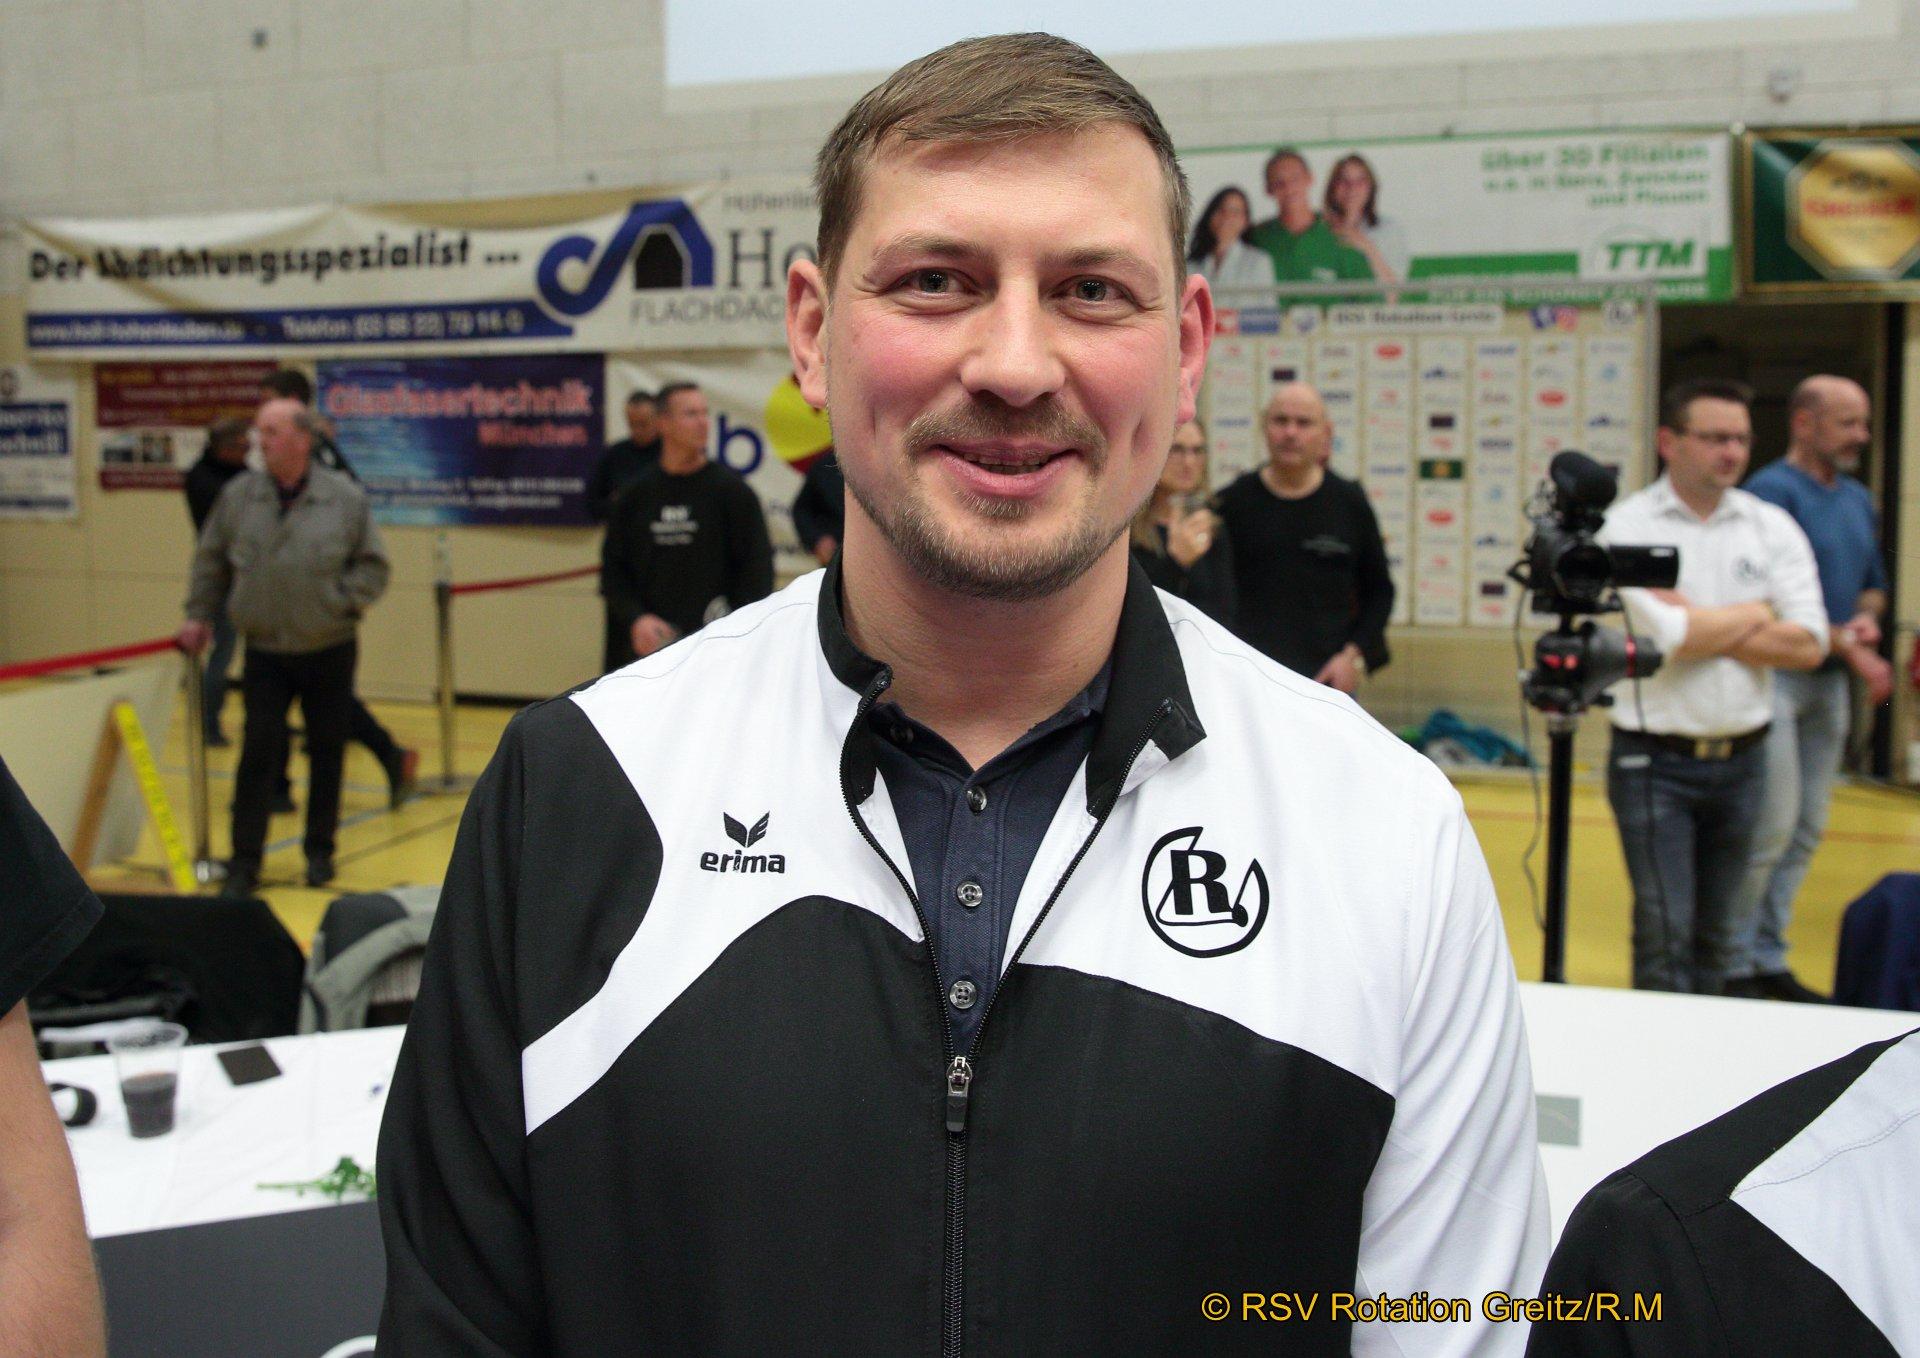 Stefan Lippke